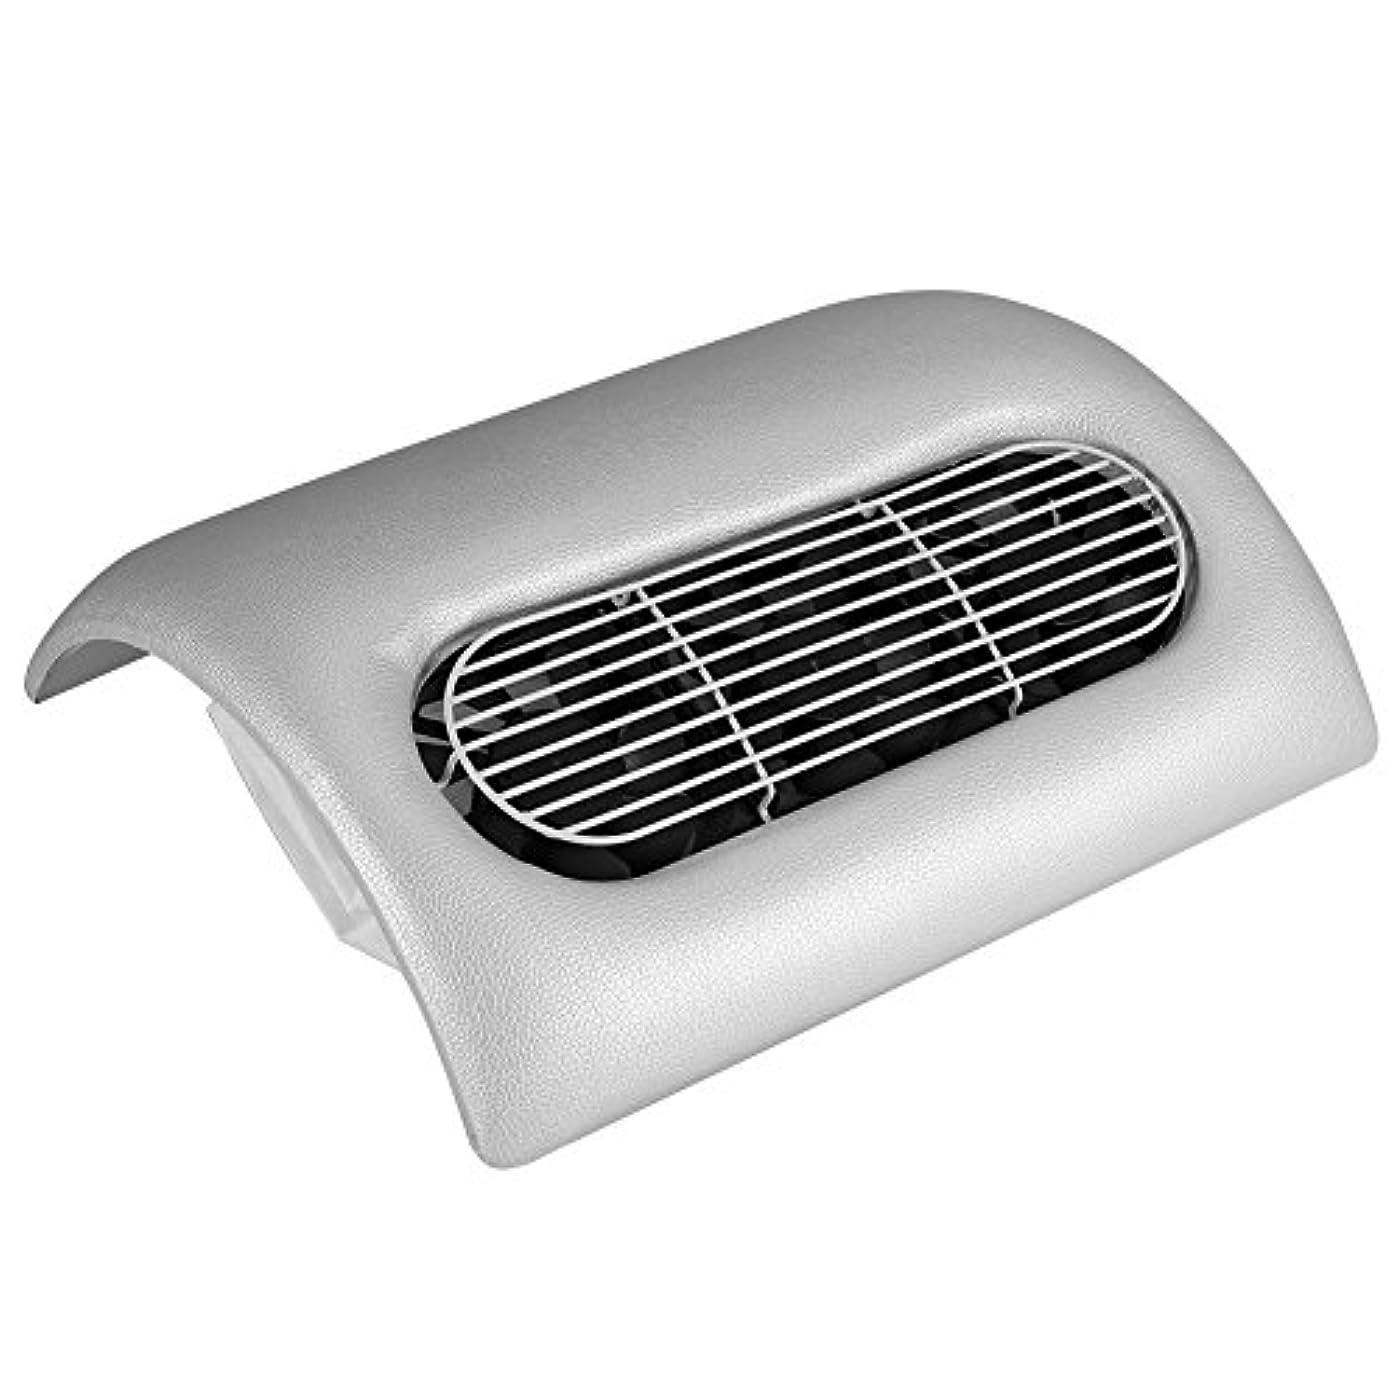 小道具反応する株式ネイルリムーバー、ネイルリムーバー2バキュームバッグネイルネイルツールマニキュア掃除機(银灰色美规)